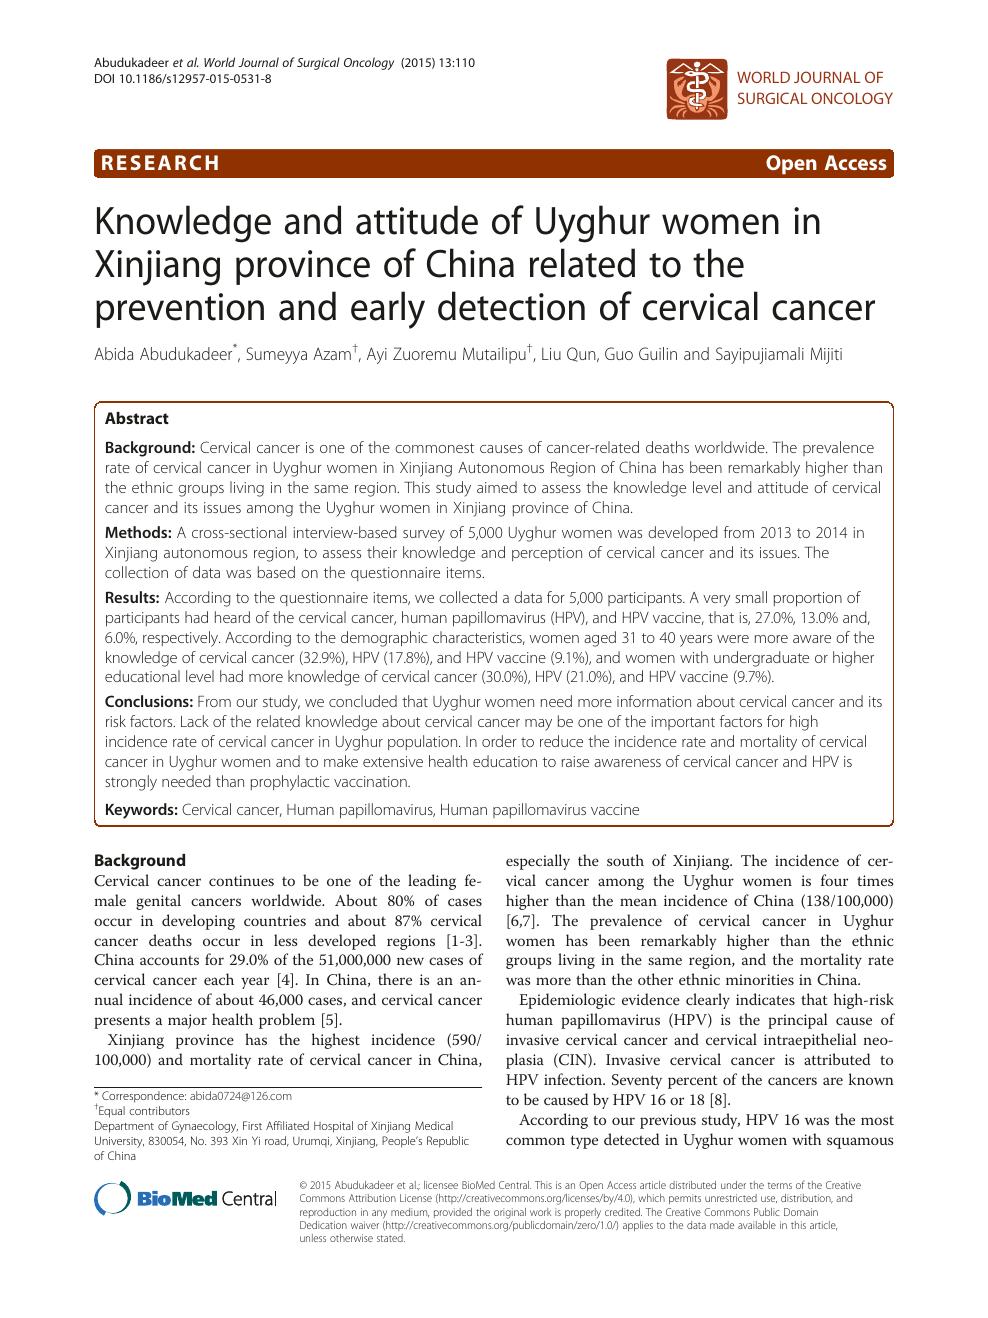 cervical cancer journal articles